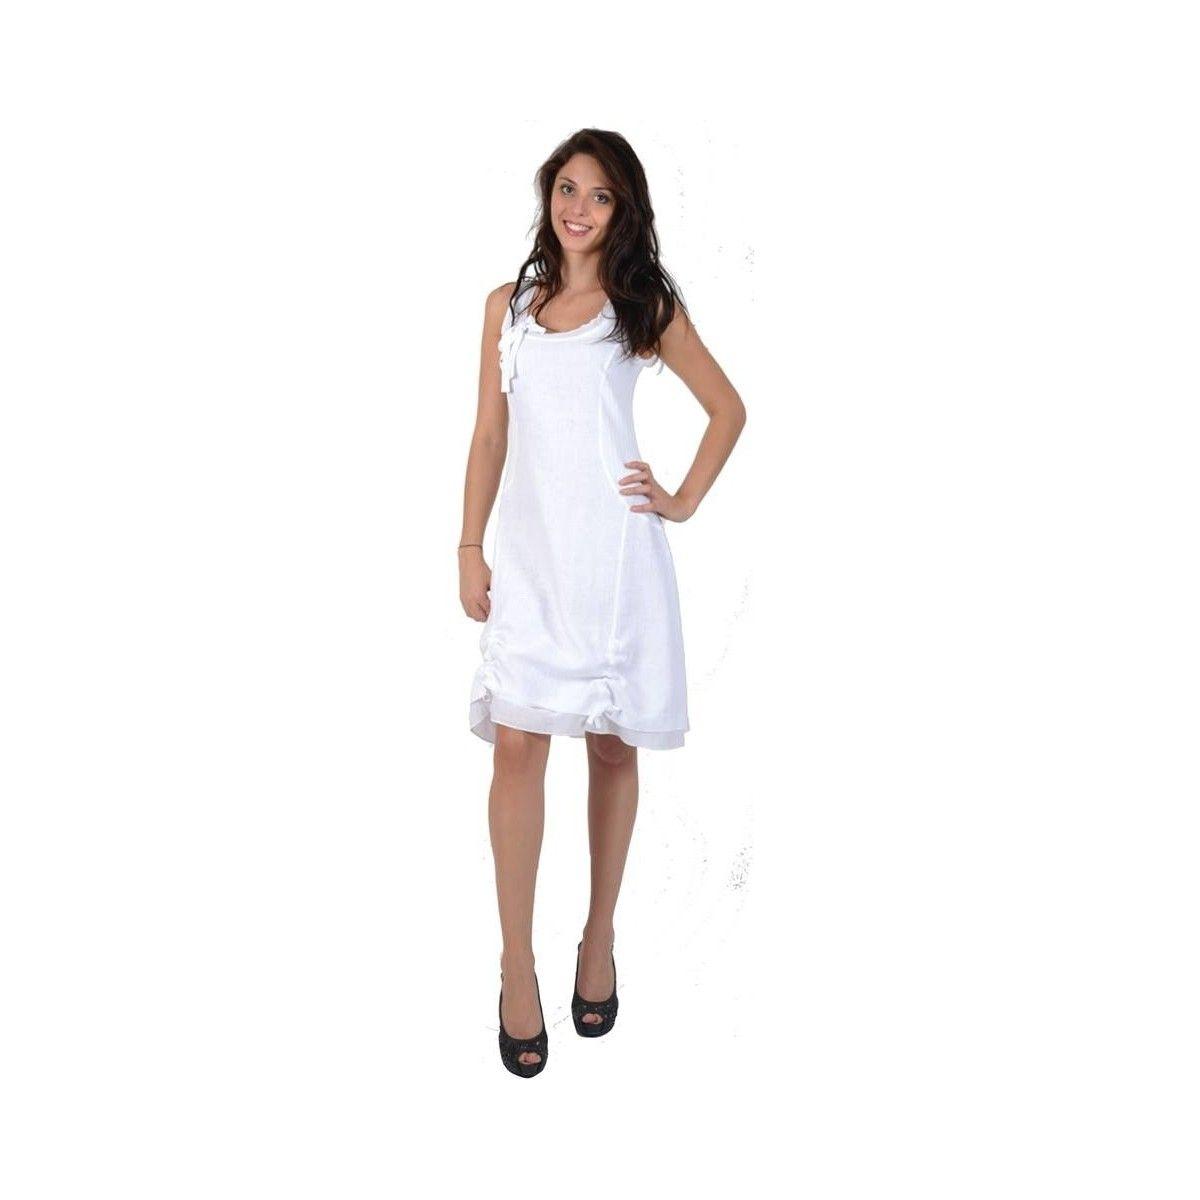 d73f07d7ced Robe blanche en lin et coton marque Maloka - Mode-lin